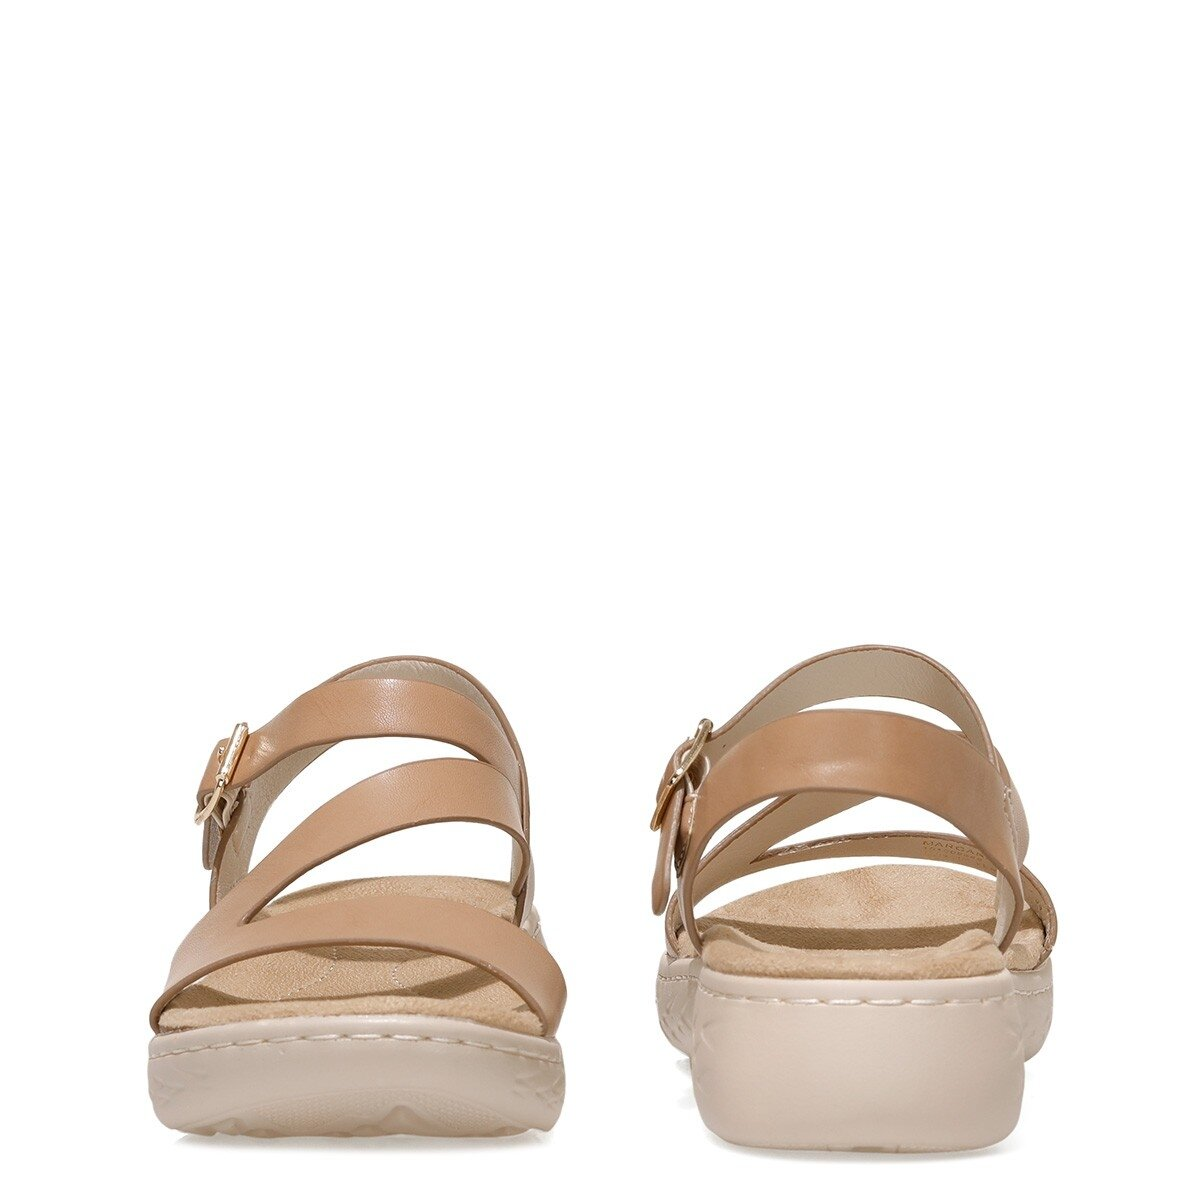 MARGARET 1FX Naturel Kadın Kalın Tabanlı Sandalet